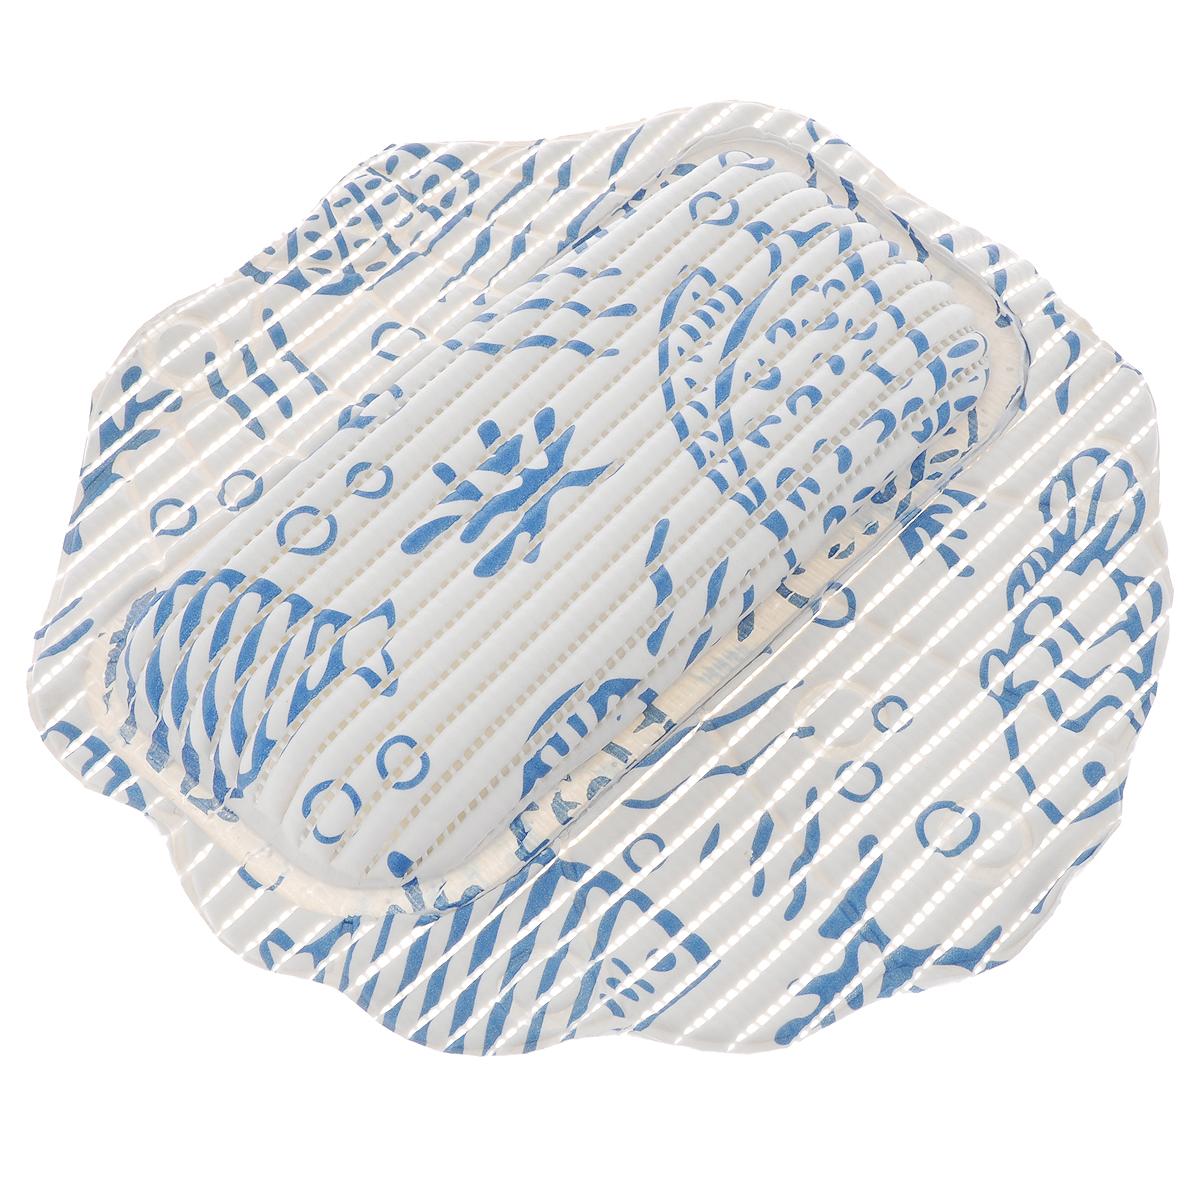 Подушка для ванны Fresh Code Flexy, на присосках, цвет: белый, синий, 33 х 33 см55764_белый,синийПодушка для ванны Fresh Code Flexy обеспечивает комфорт во время принятия ванны. Крепится на поверхность ванной с помощью присосок. Выполнена из ПВХ.